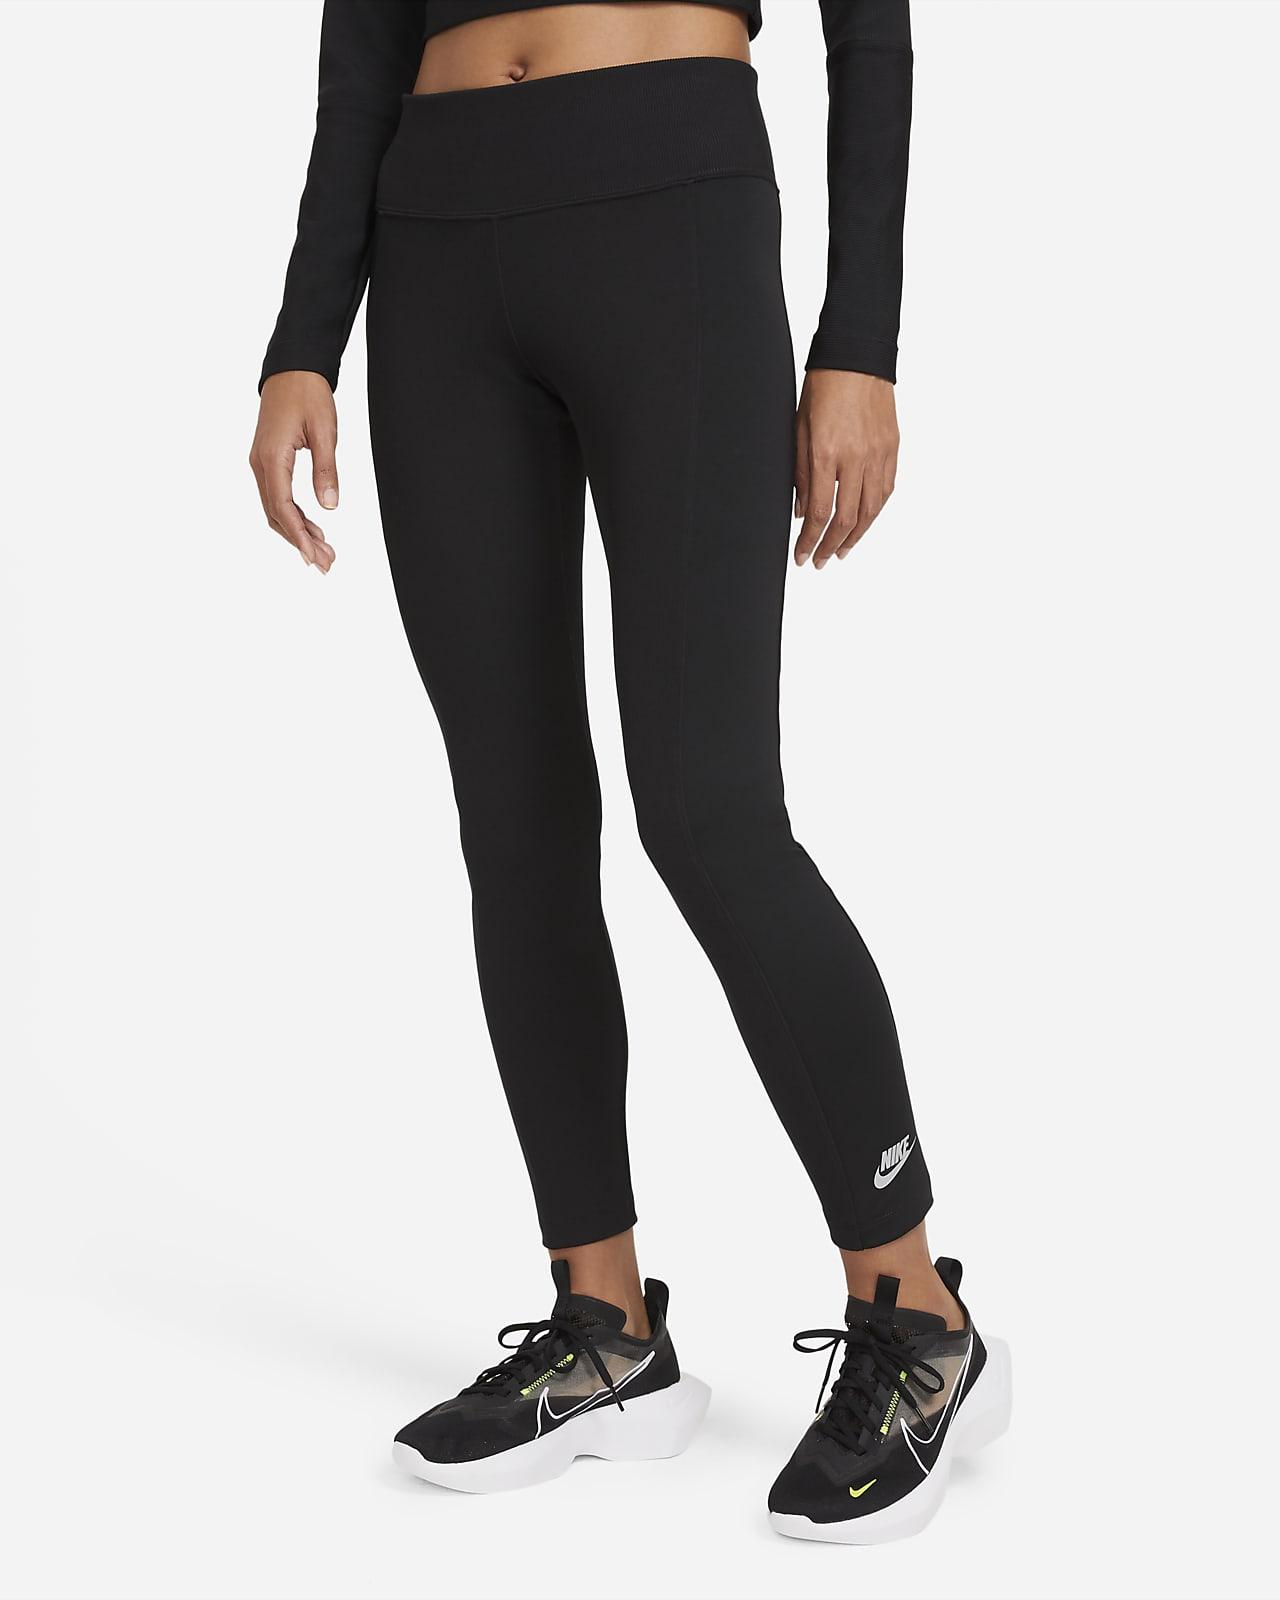 Nike Sportswear Women's 7/8 Leggings